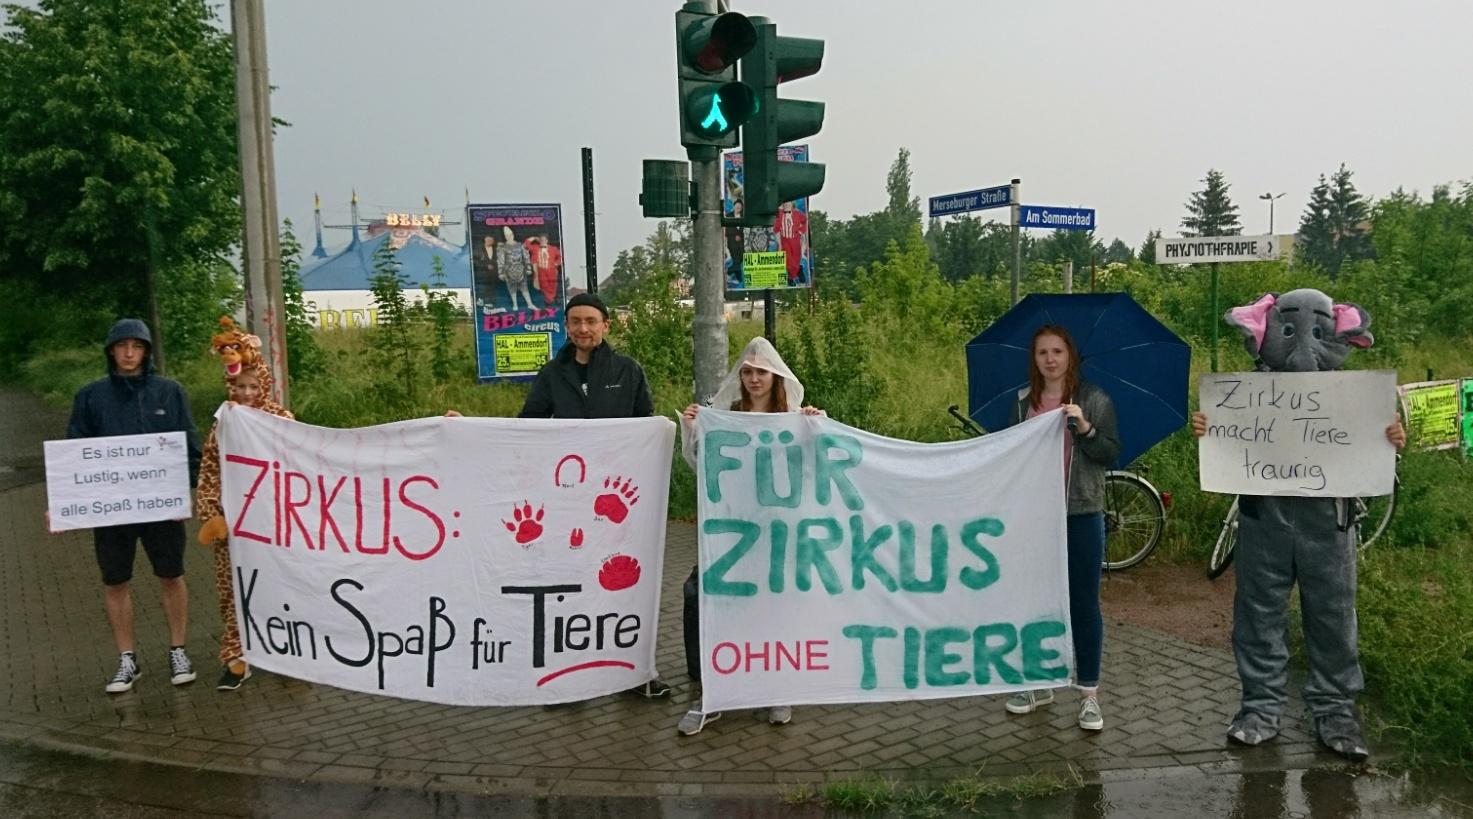 Letzter Zirkusaffe Deutschlands In Halle Kundgebung Gegen Zirkus